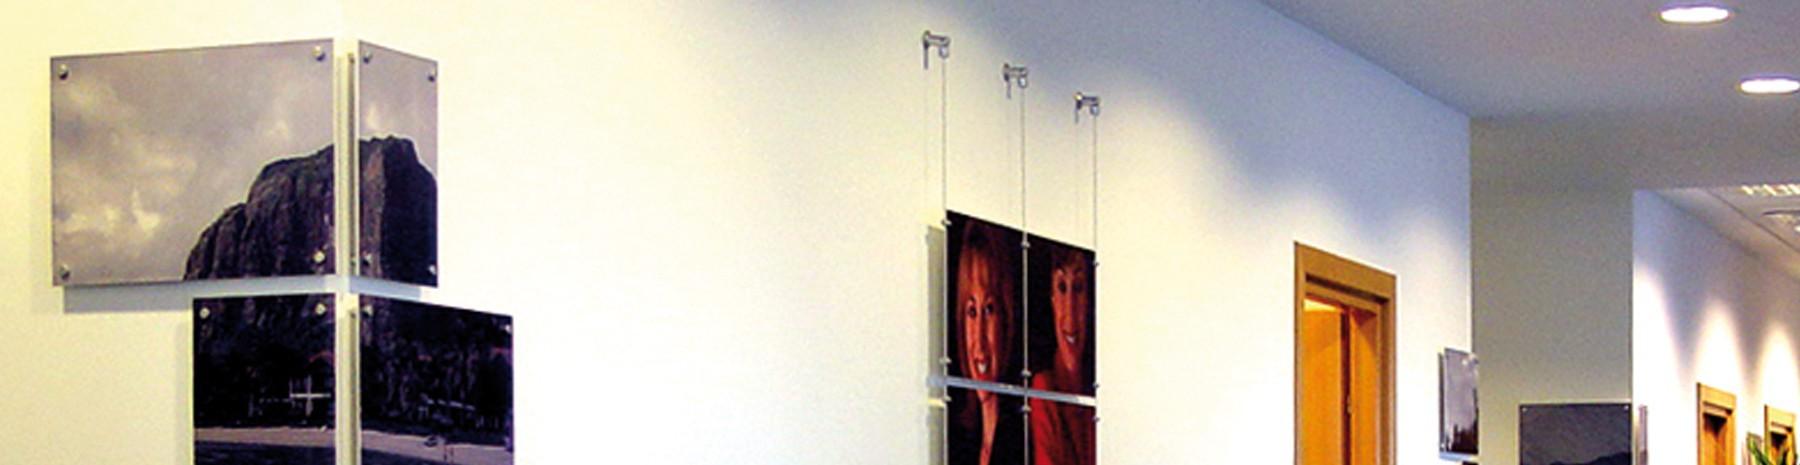 Porte-affiche horizontal pour votre signalétique